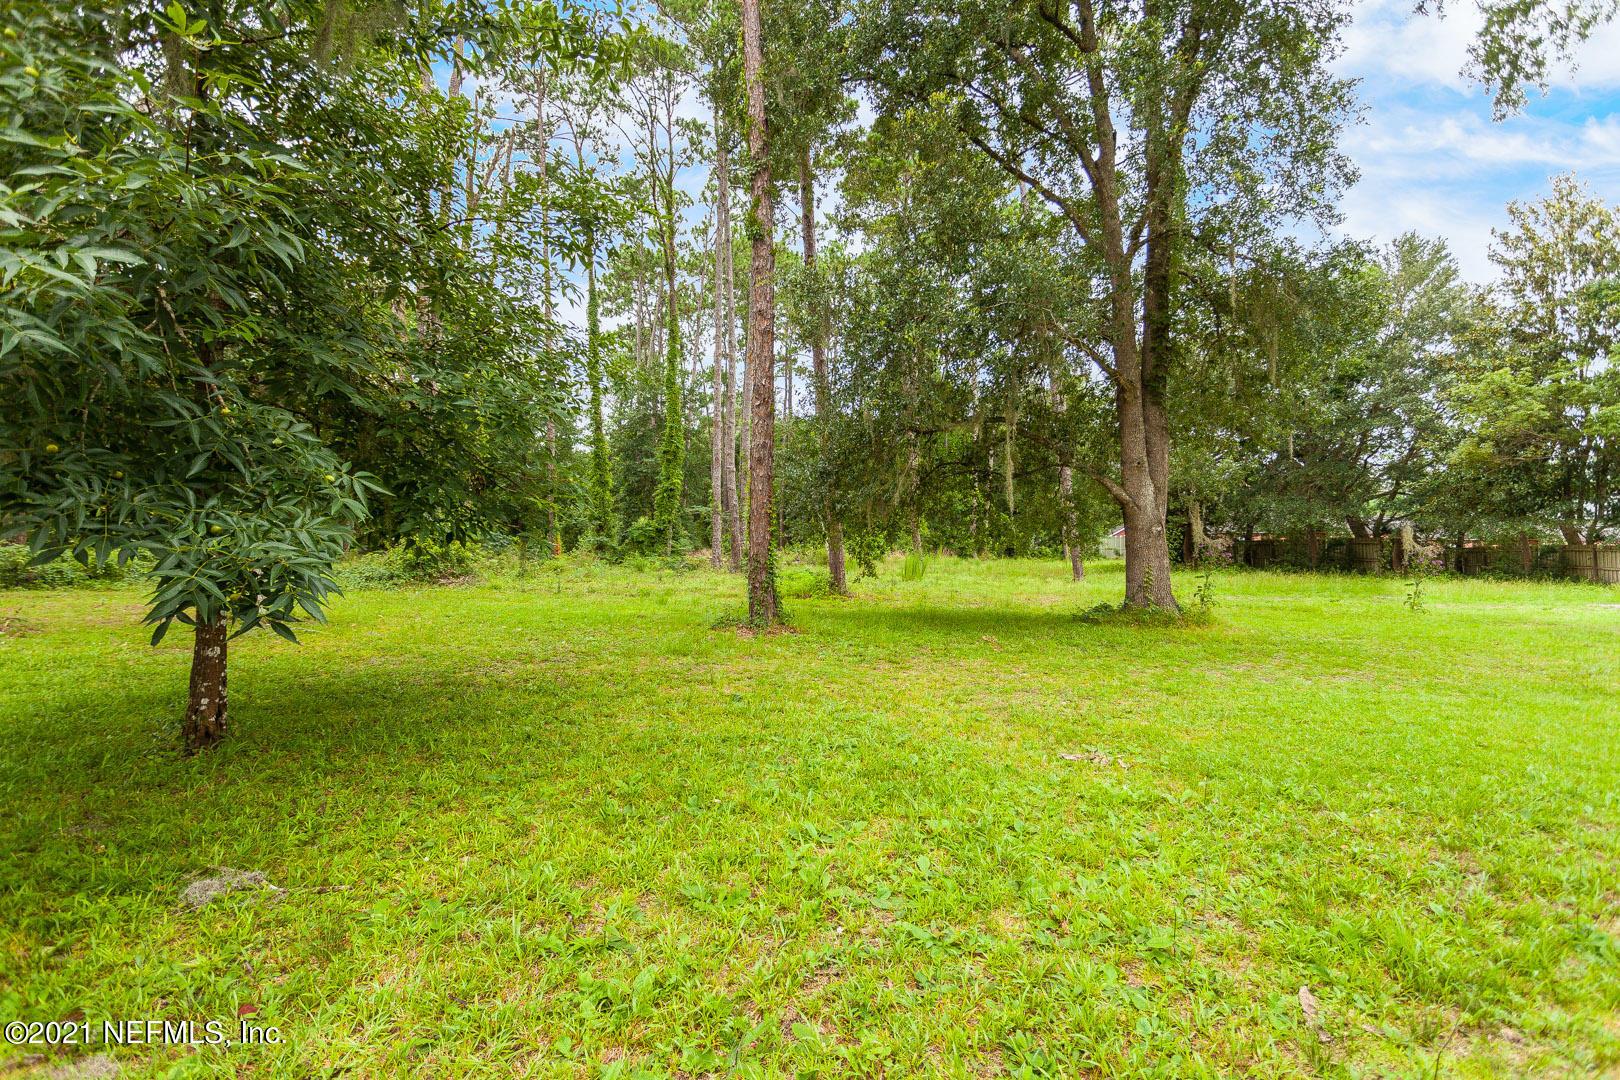 0 HIBERNIA, FLEMING ISLAND, FLORIDA 32003, ,Vacant land,For sale,HIBERNIA,1119465